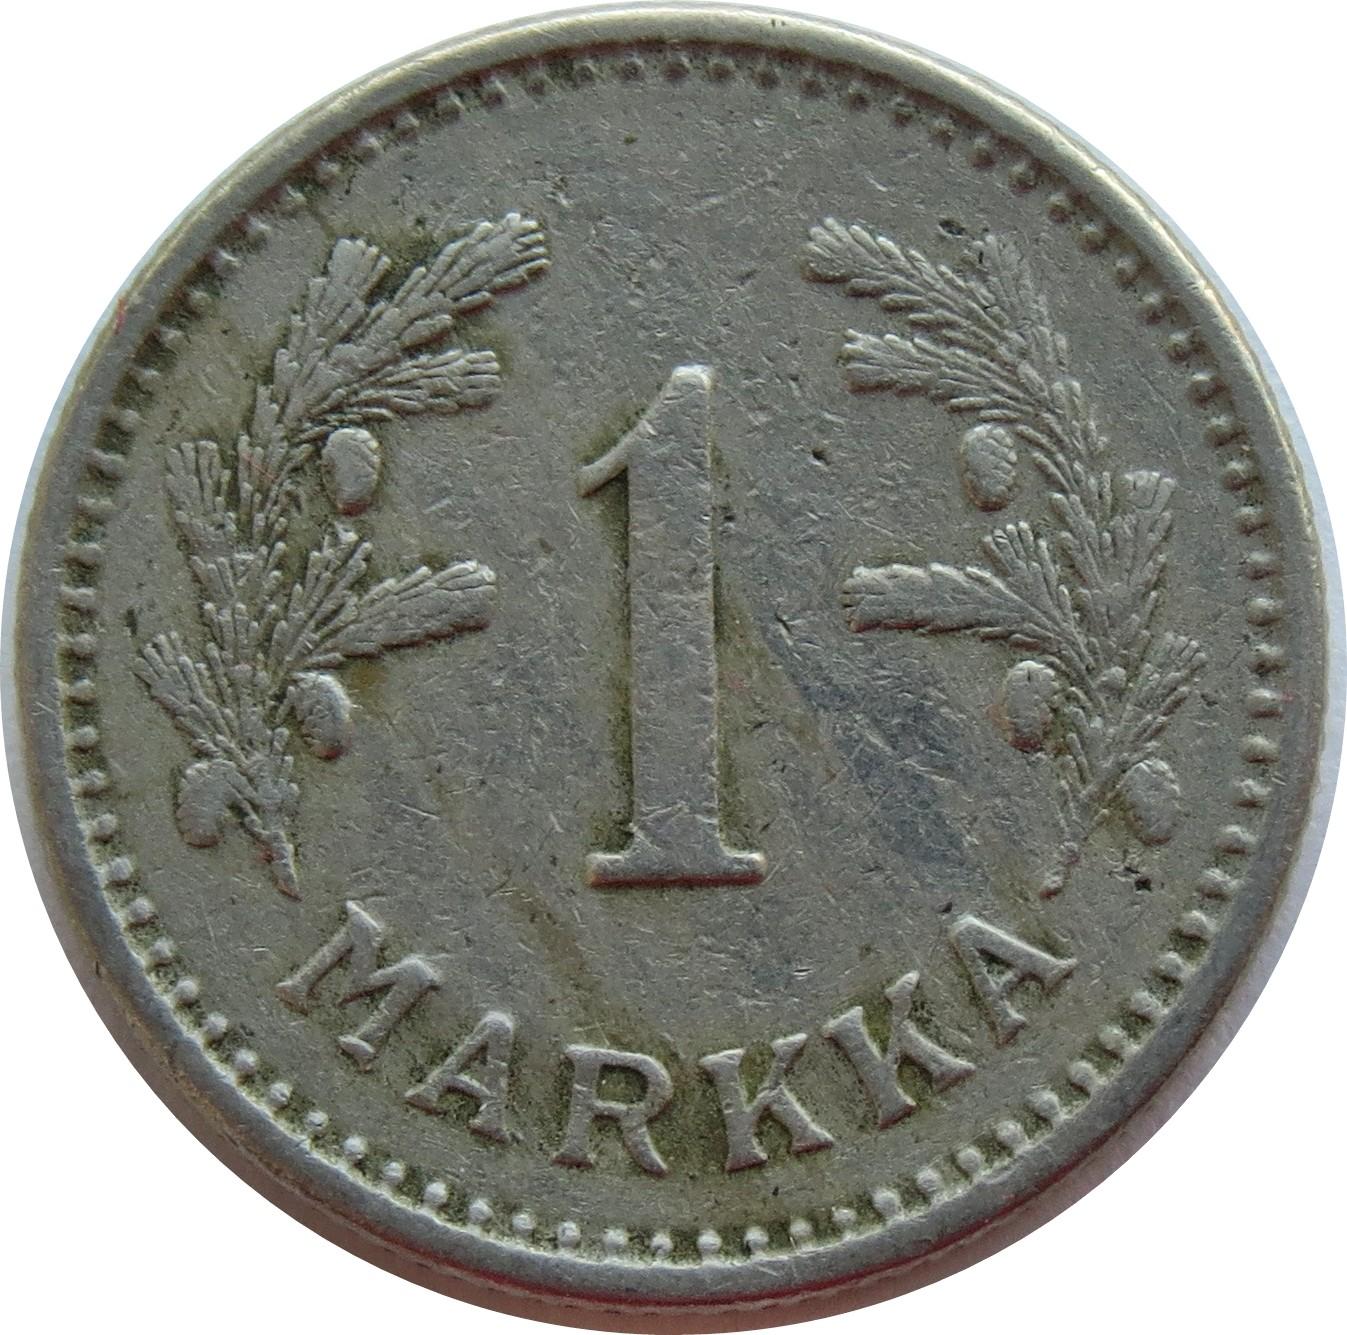 Finland 1 Markka (1928-1940)